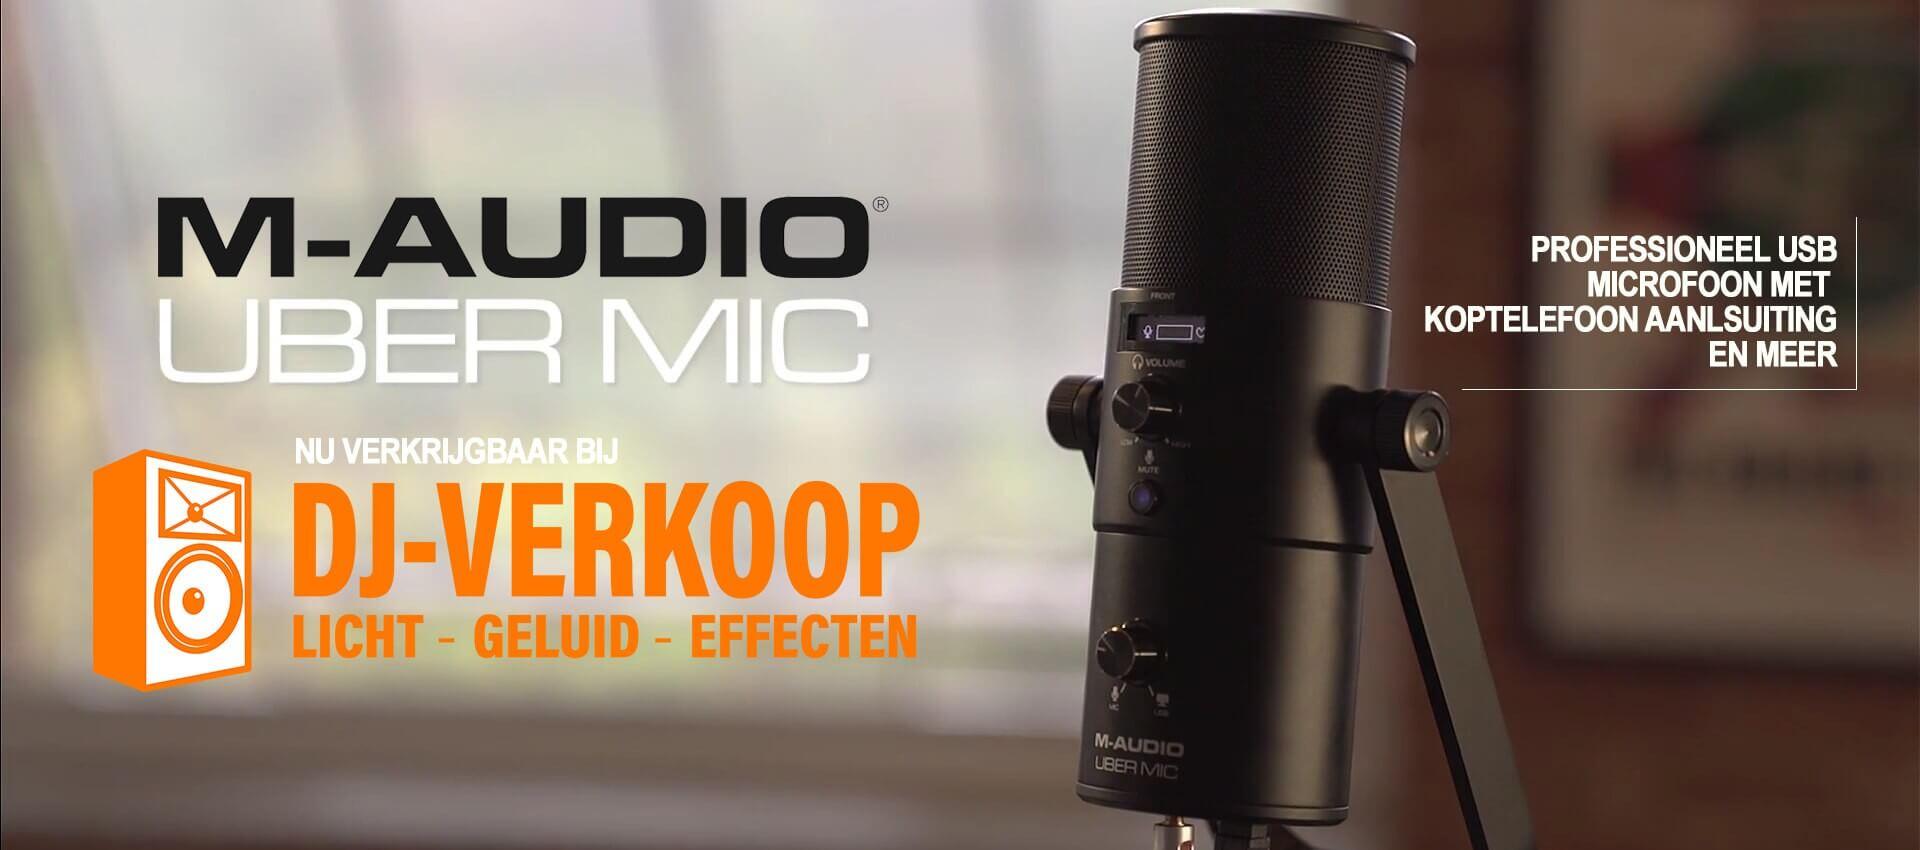 M-AUDIO UBERMIC nu verkrijgbaar bij DJ-Verkoop.nl